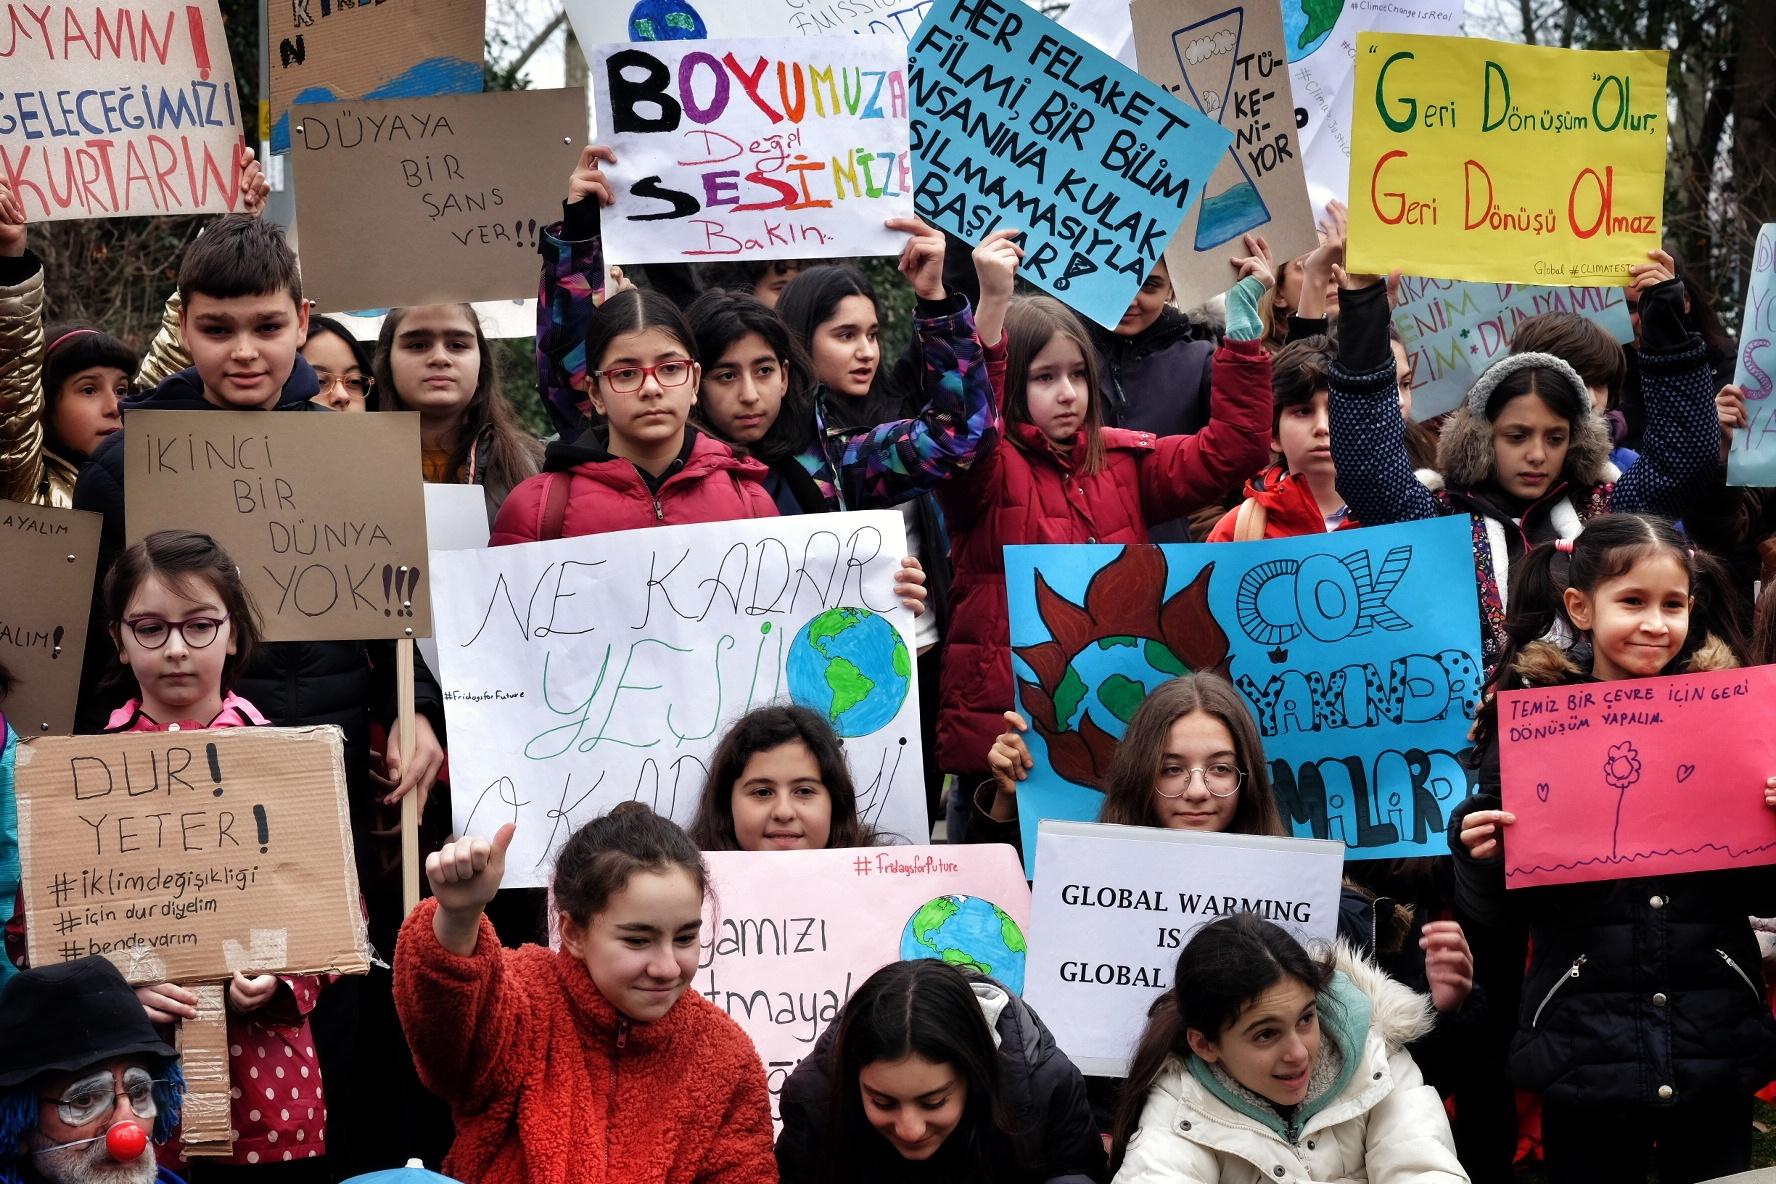 20 Eylül iklim grevinde, iklim krizine karşı somut adımlar atılması için Kadıköy'deyiz!